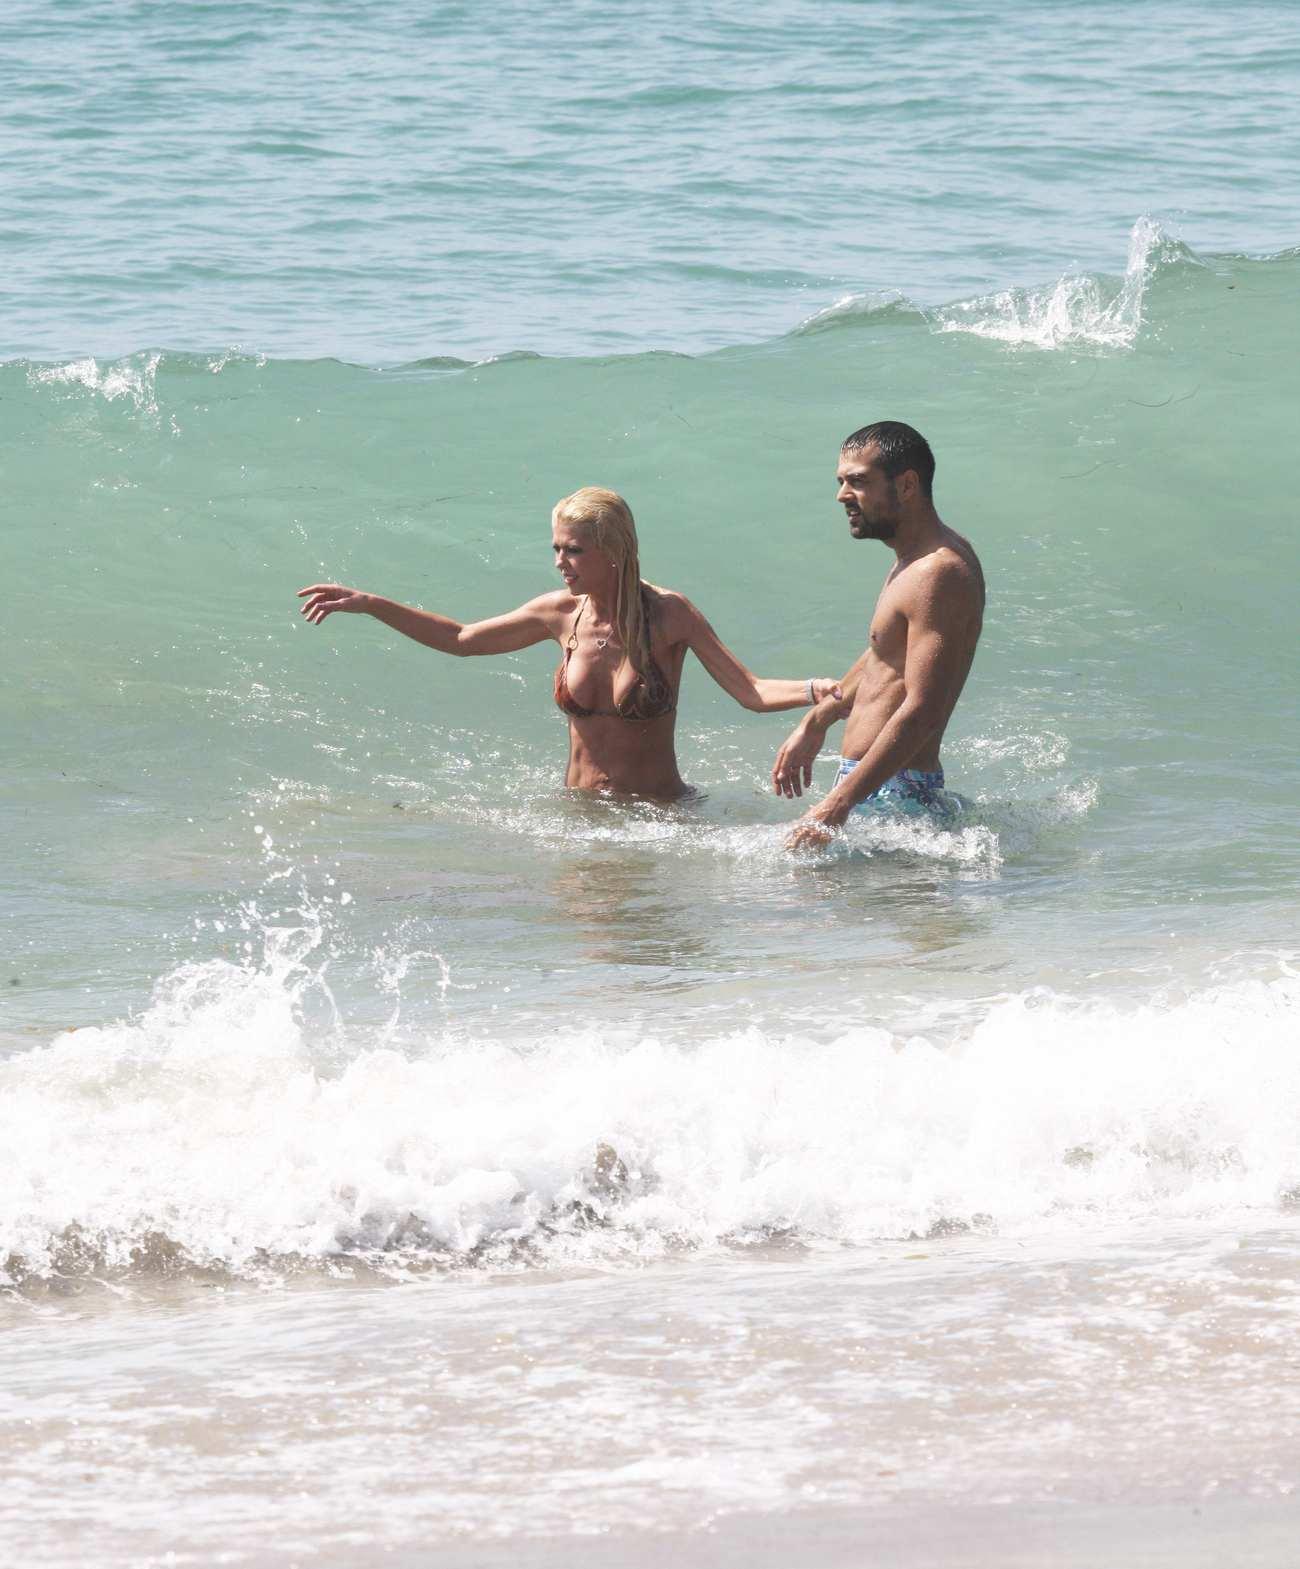 Tara Reid Spends Her Day With Boyfriend in Malibu-1